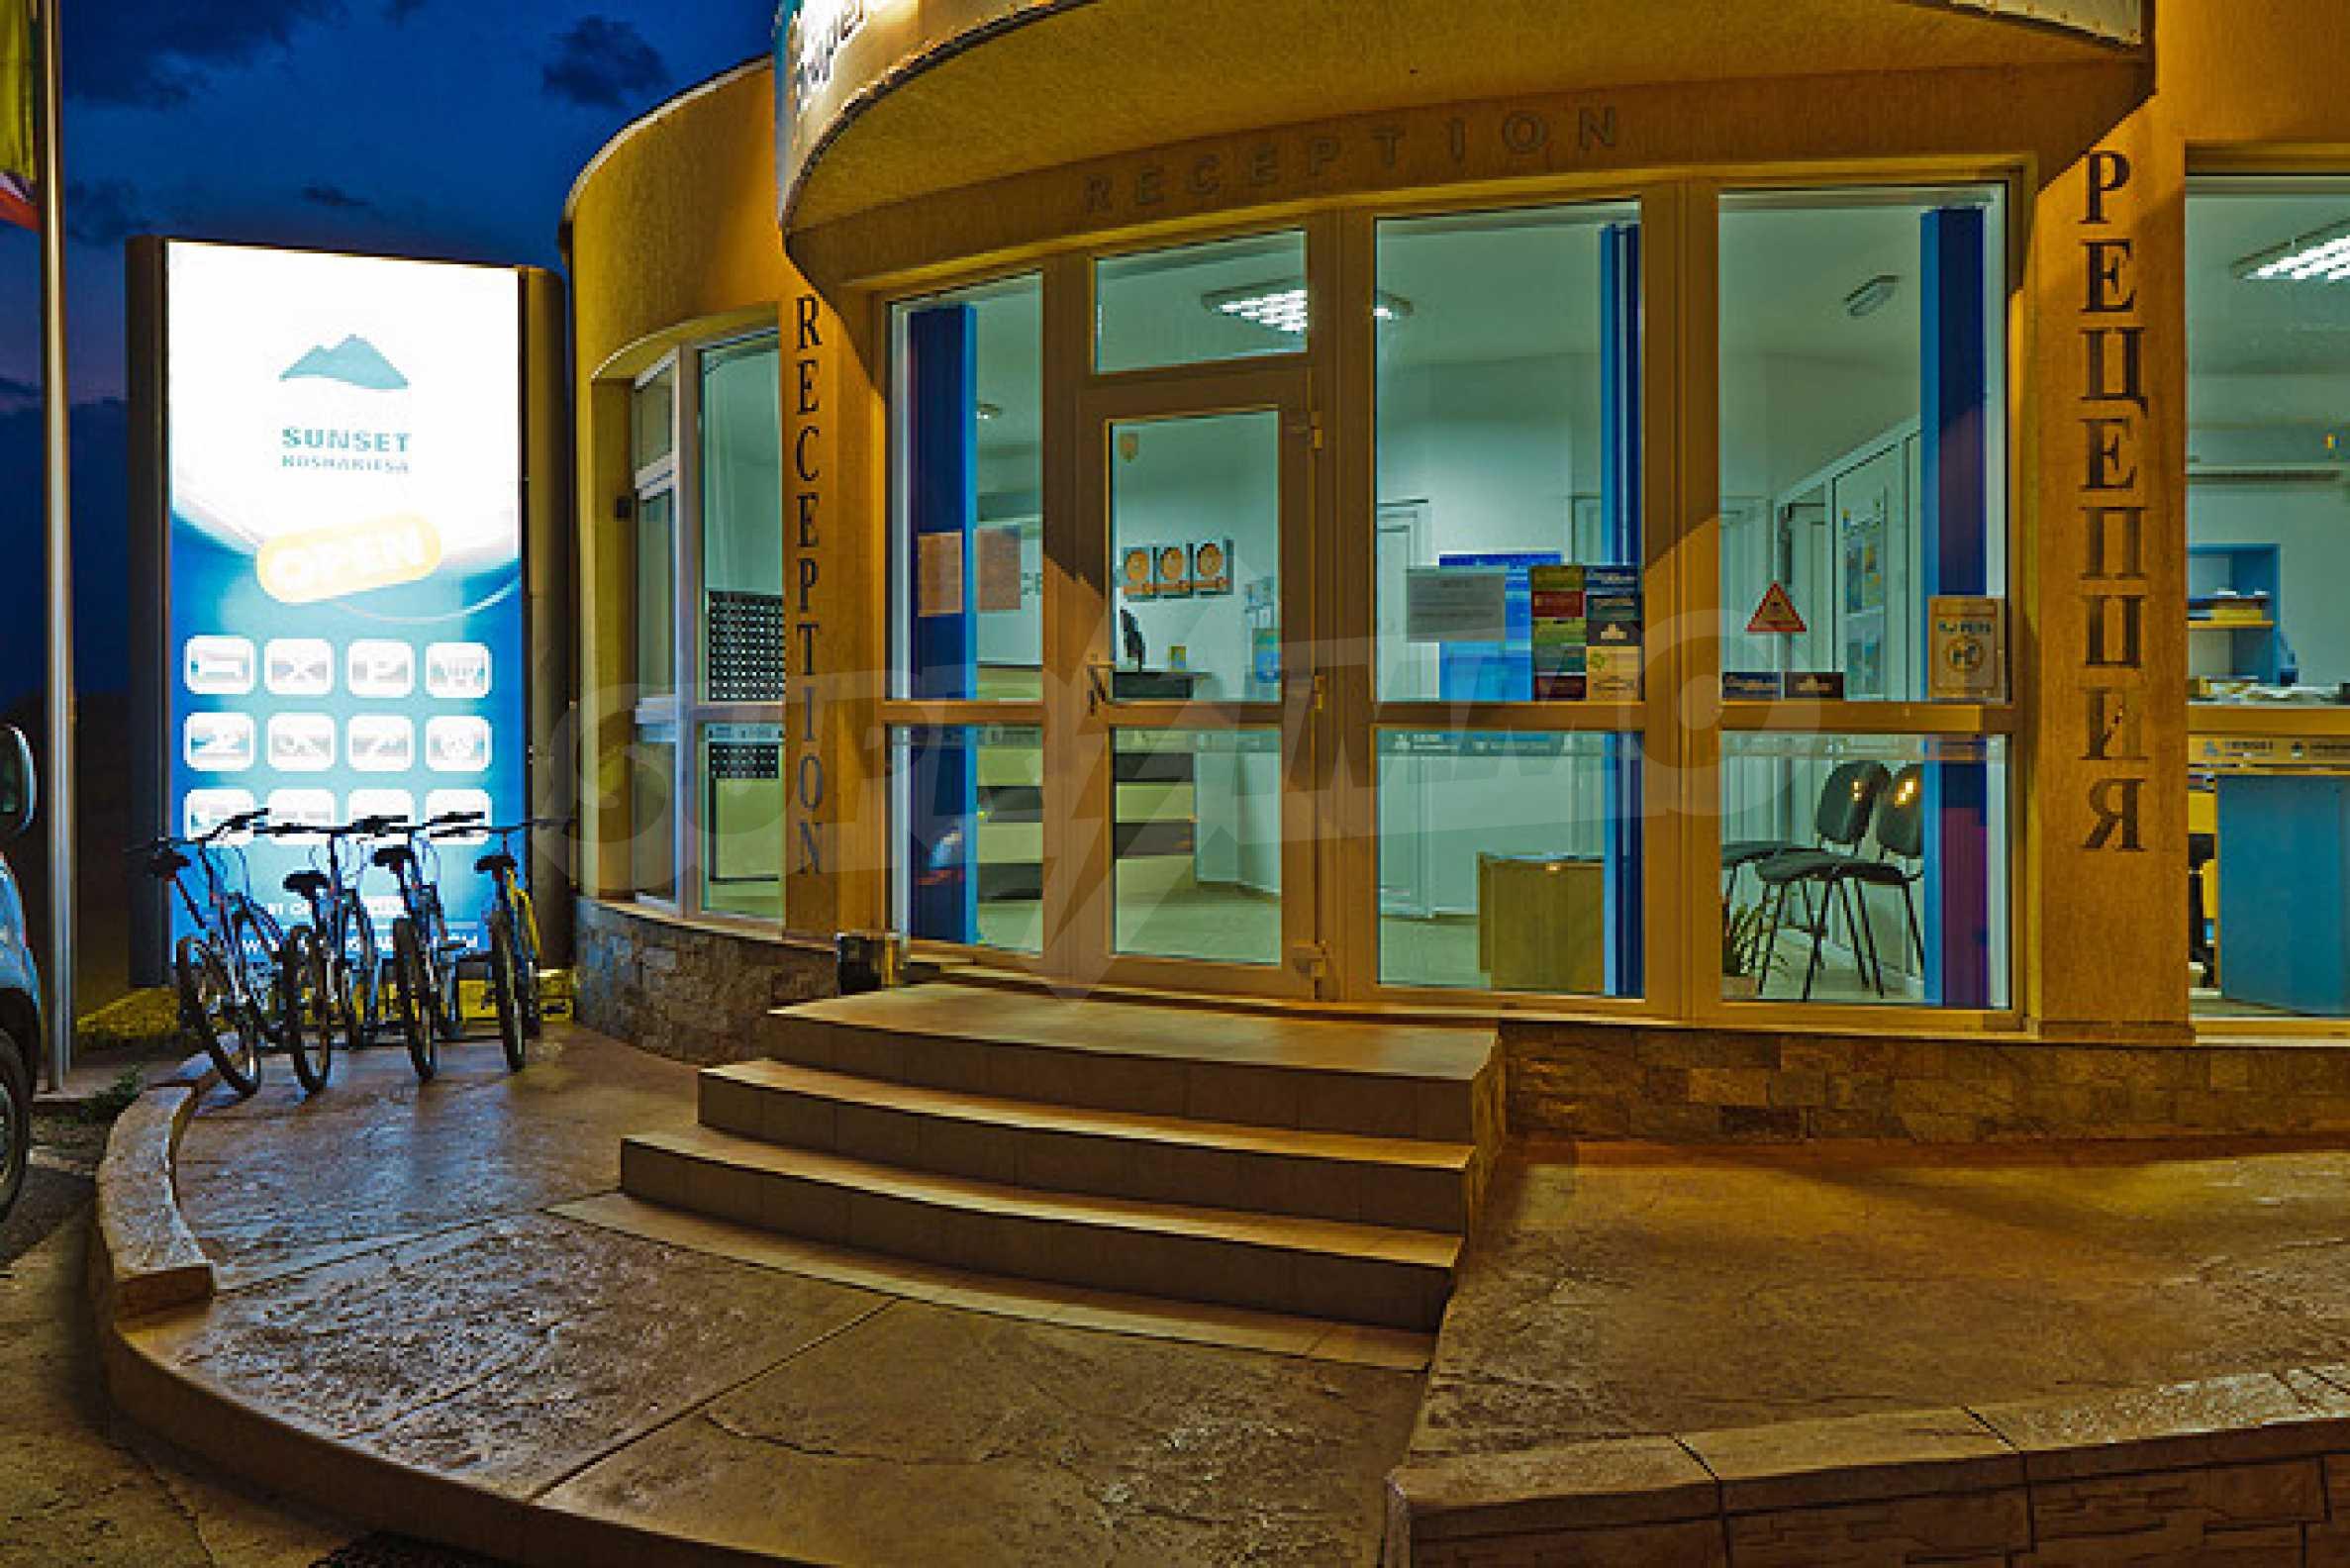 Sunset Kosharitsa - Apartments in einem attraktiven Berg- und Seekomplex, 5 Autominuten vom Sonnenstrand entfernt 30